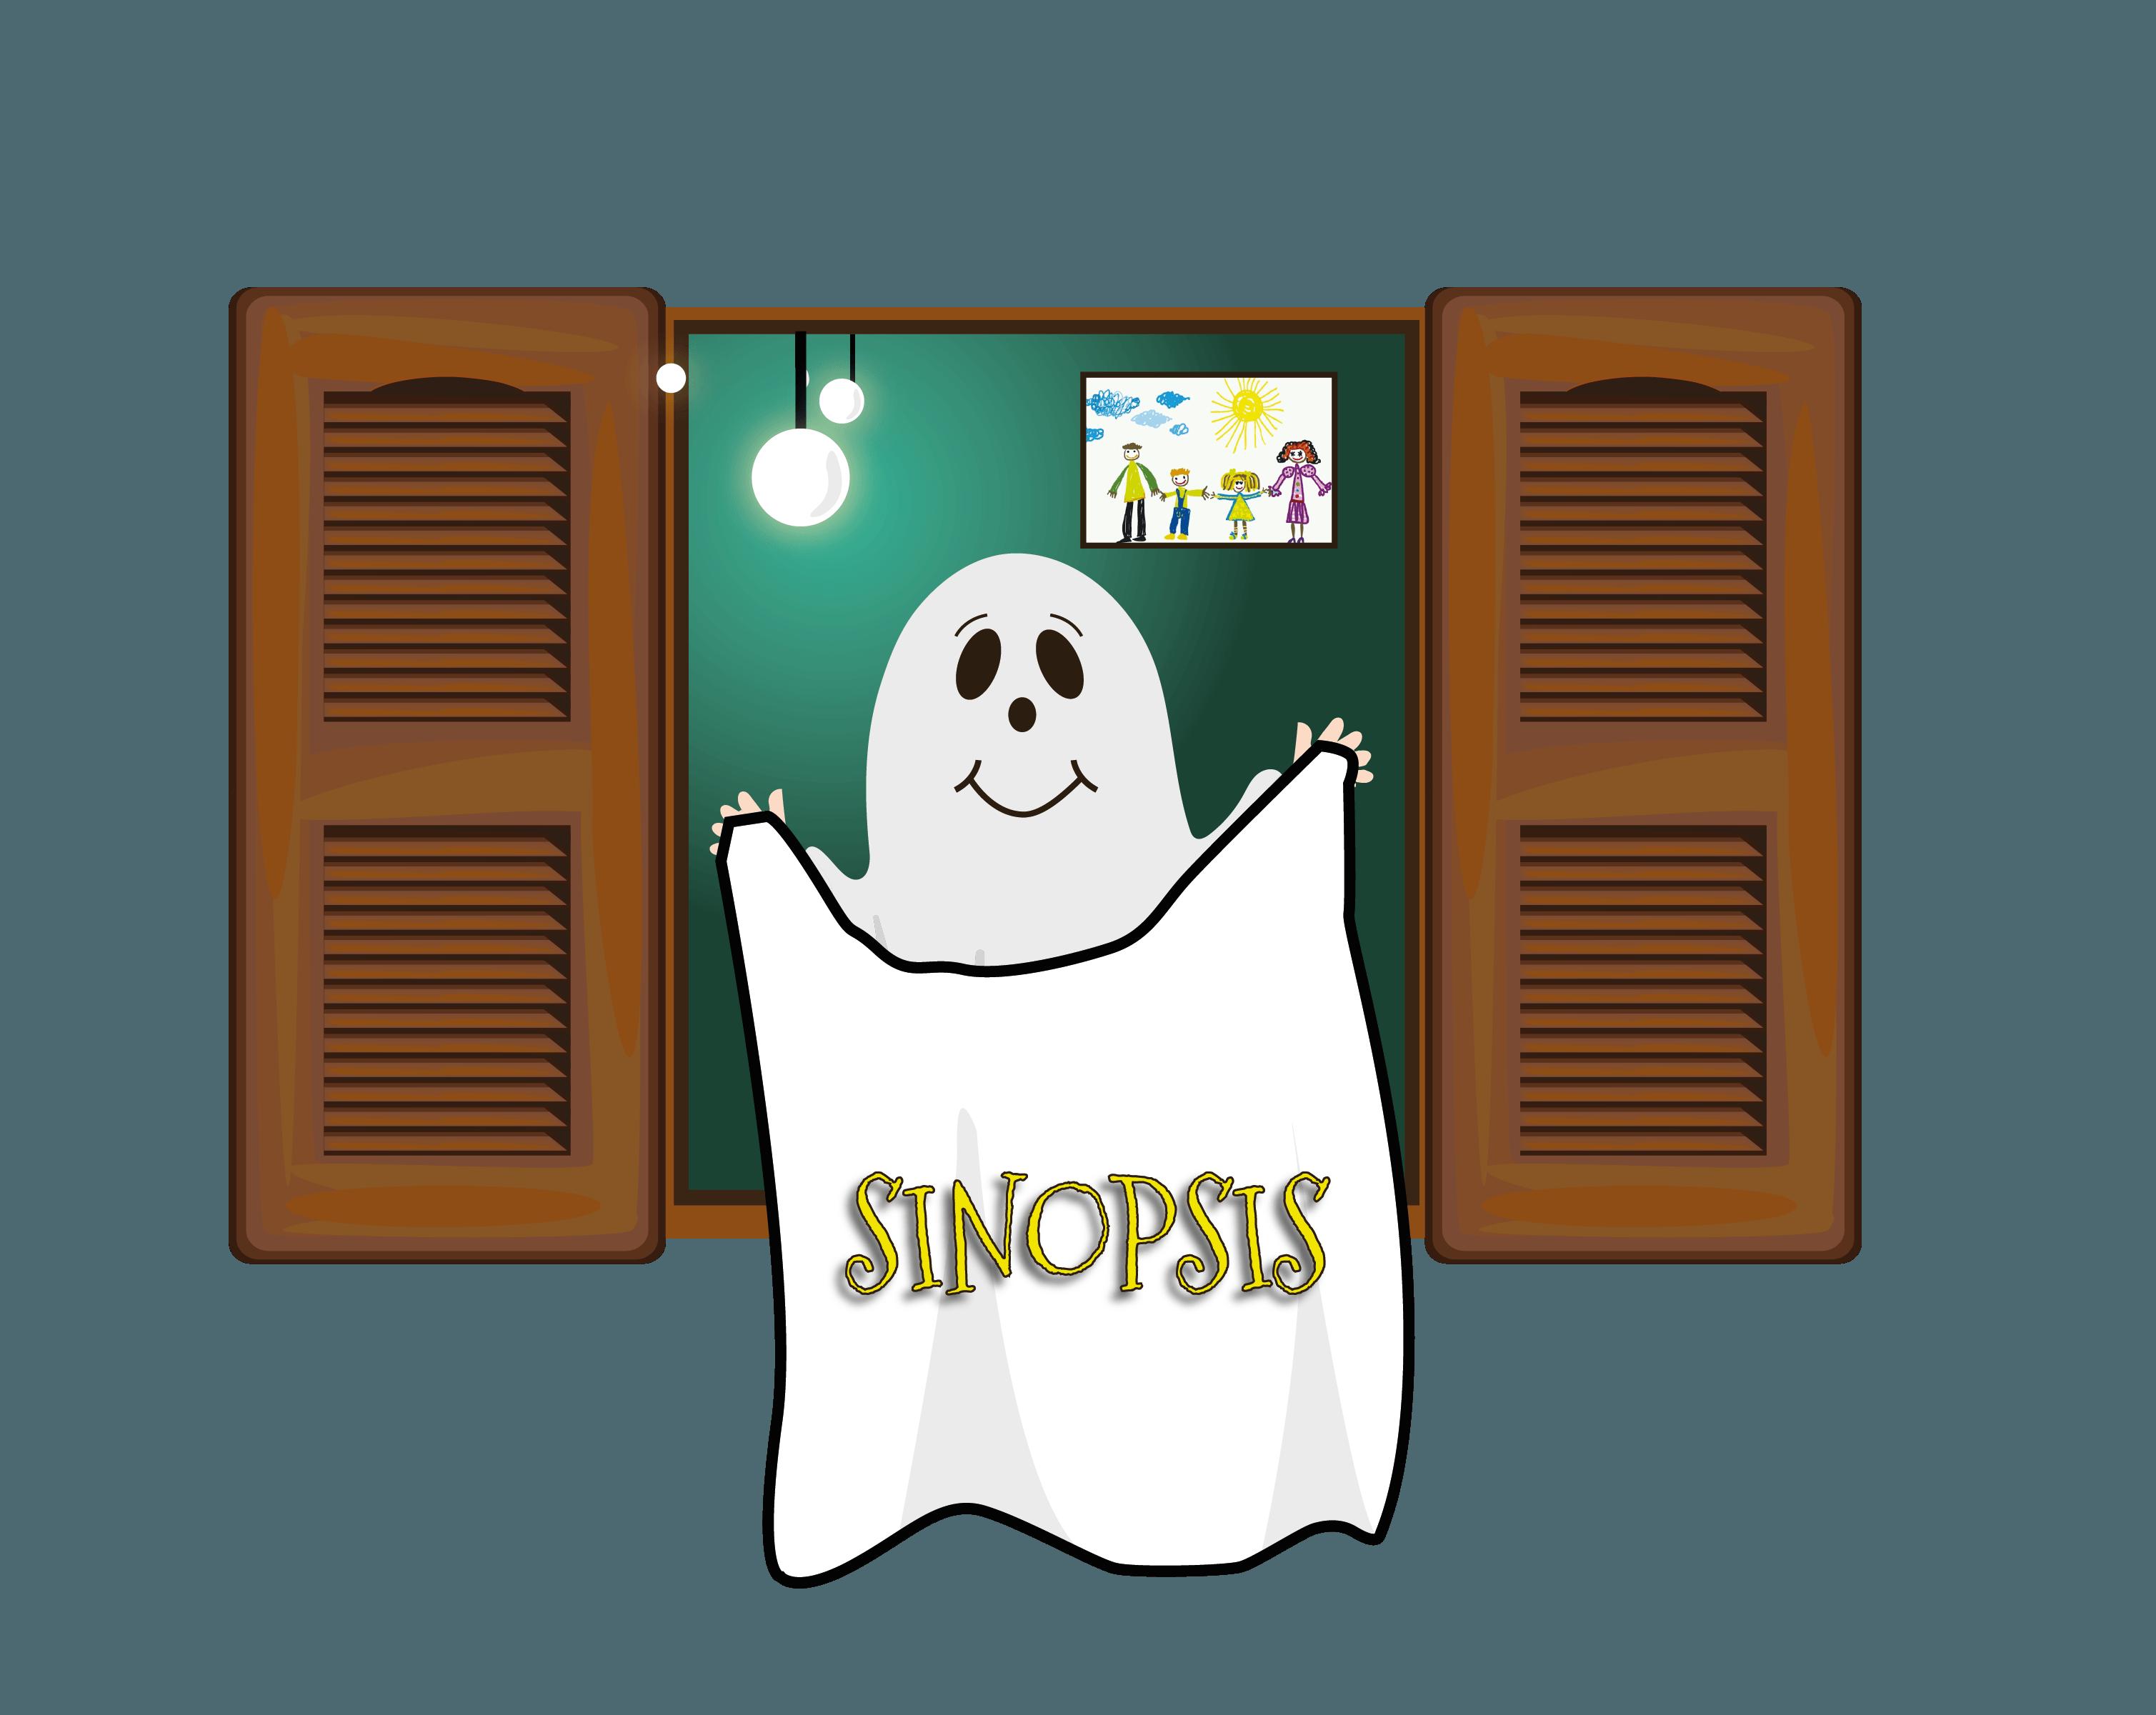 sinopsis casa del fantasma